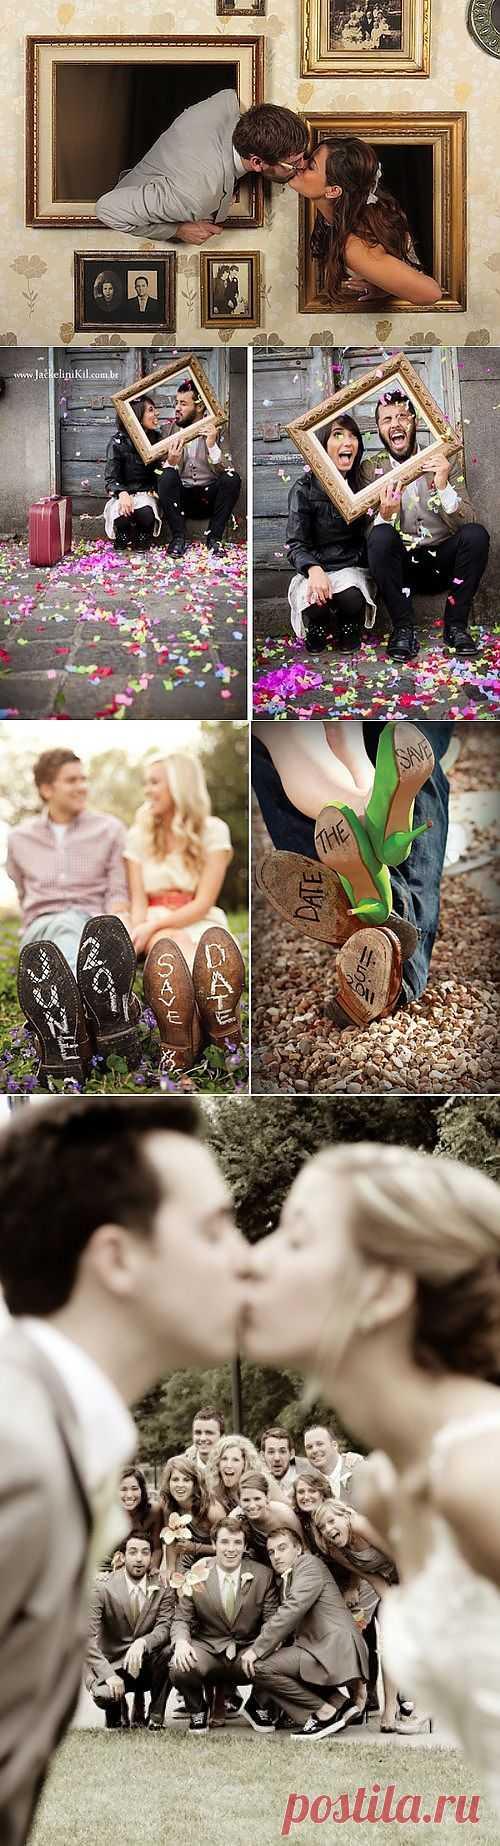 Идеи свадебных фото и не только... (подборка) / Фото (идеи съемок) / Модный сайт о стильной переделке одежды и интерьера